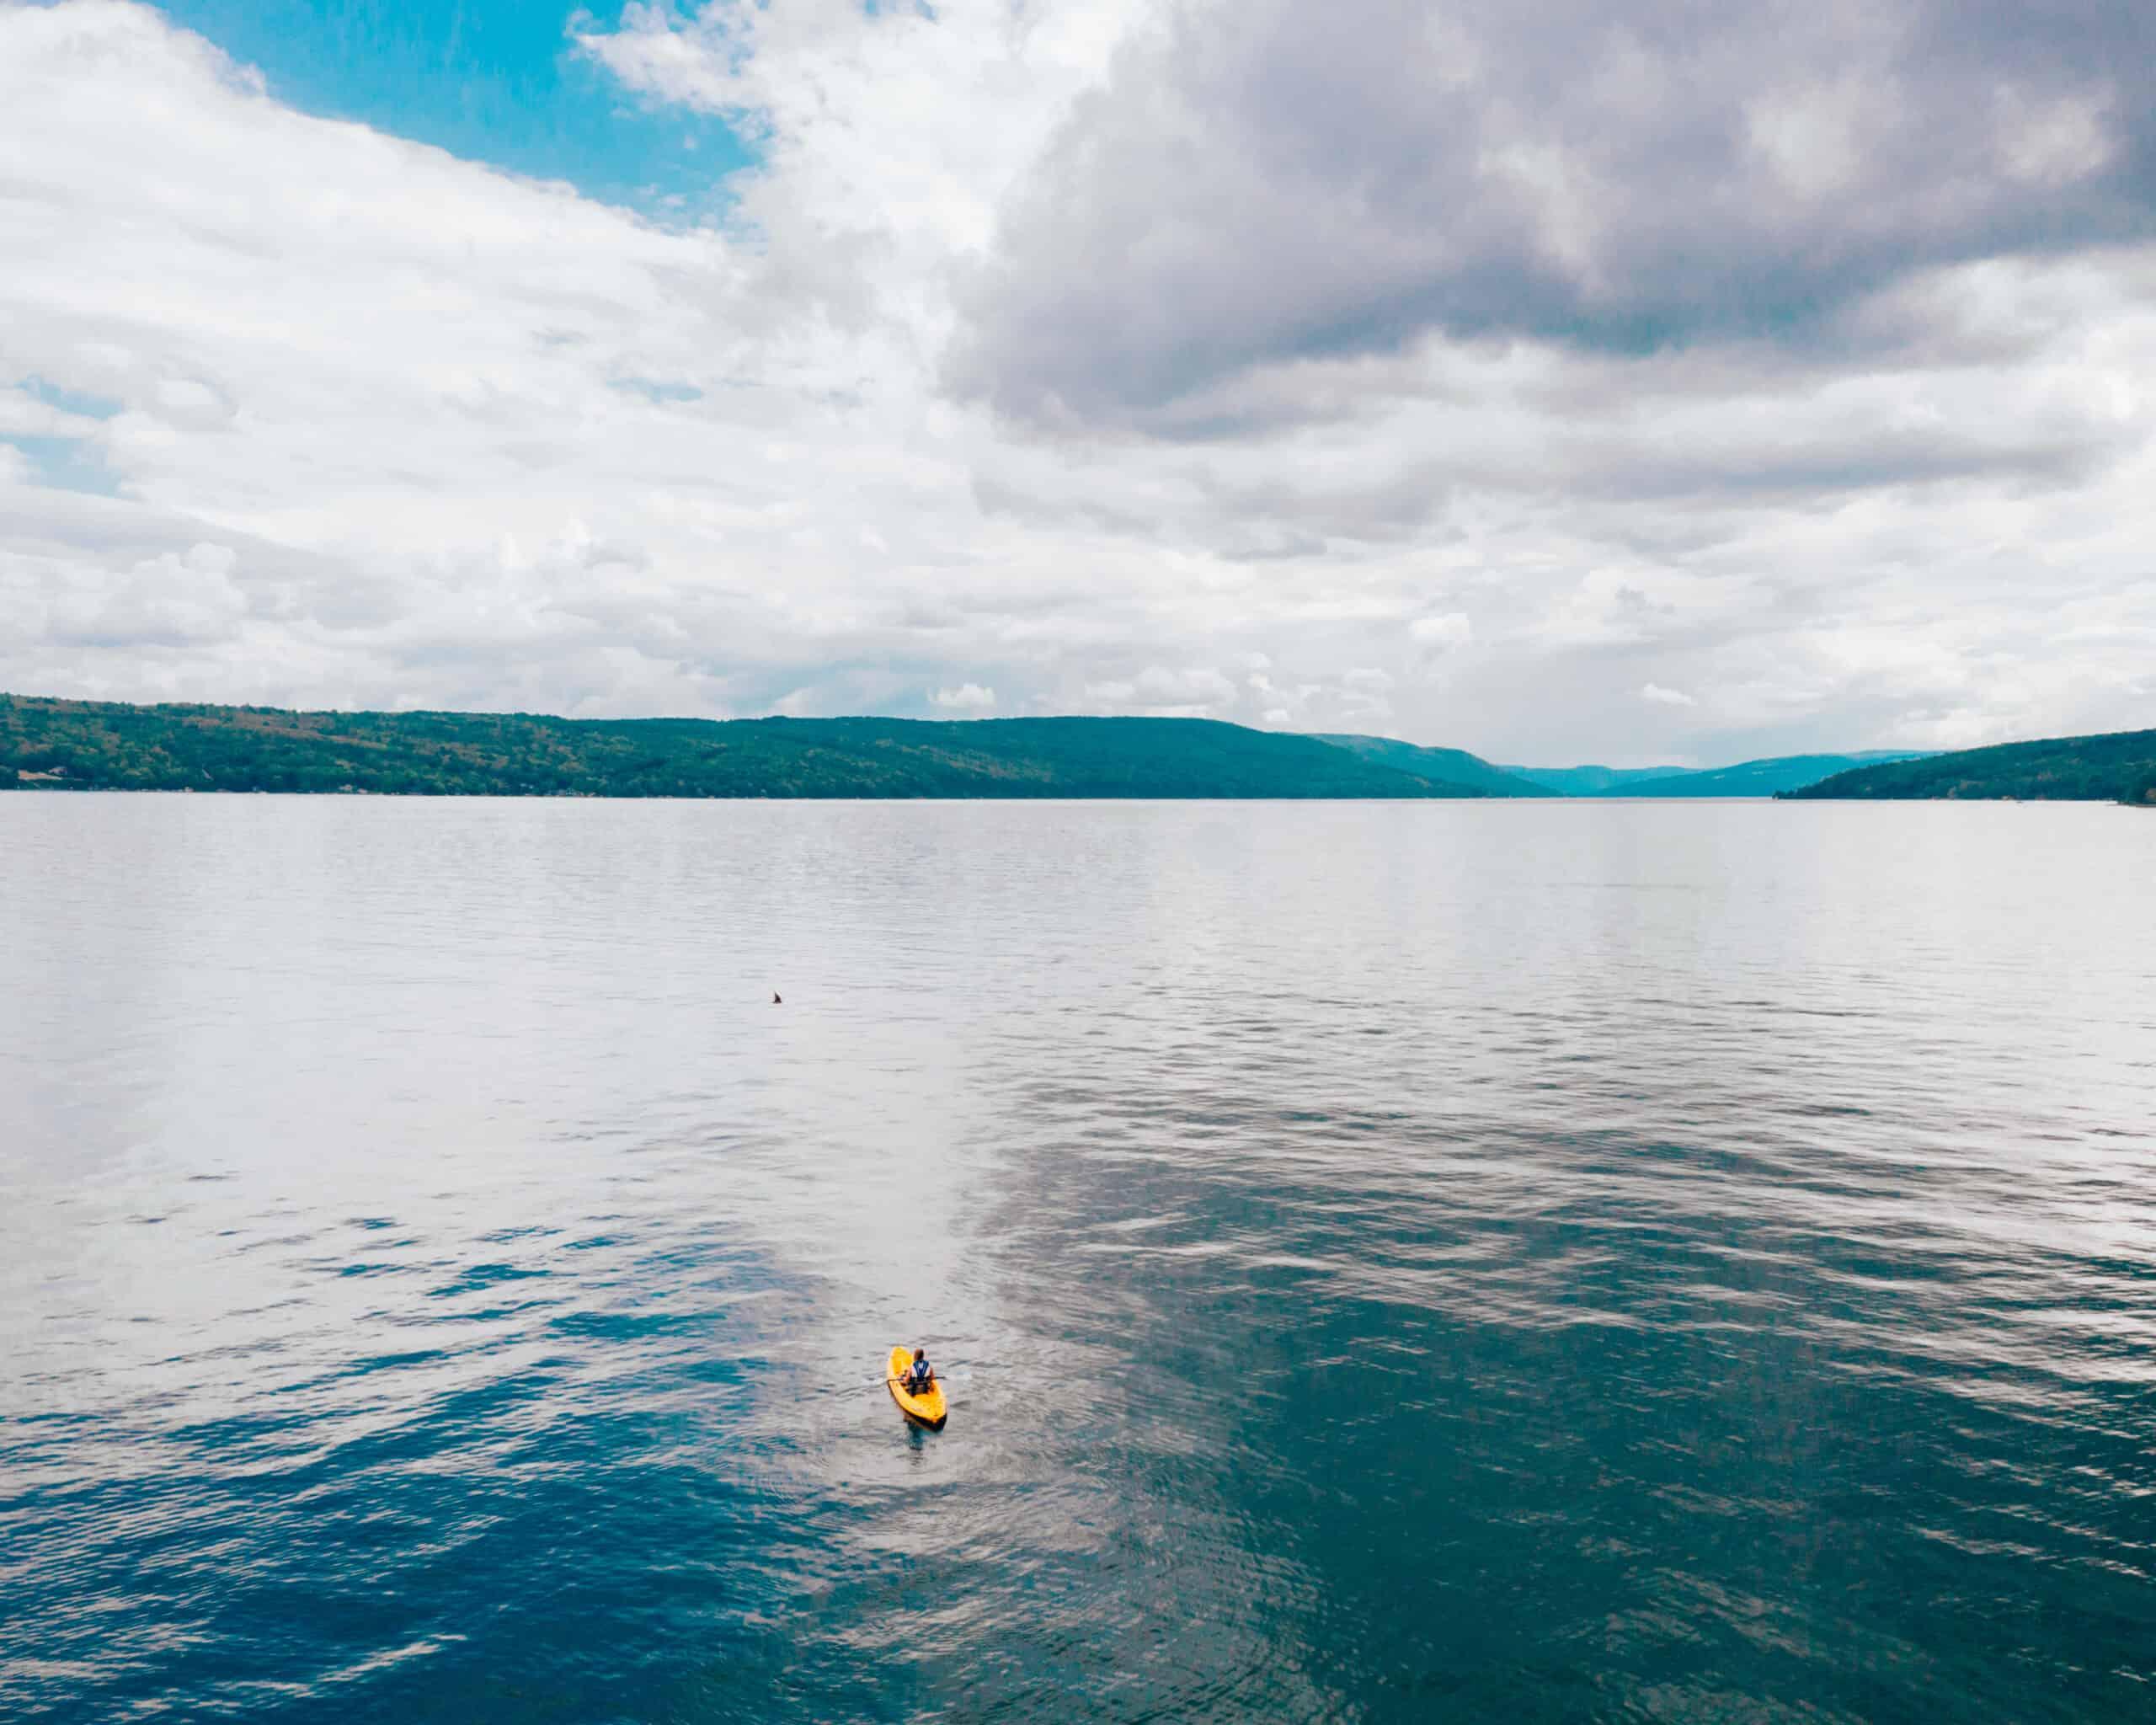 Kayaking on Canandaigua Lake